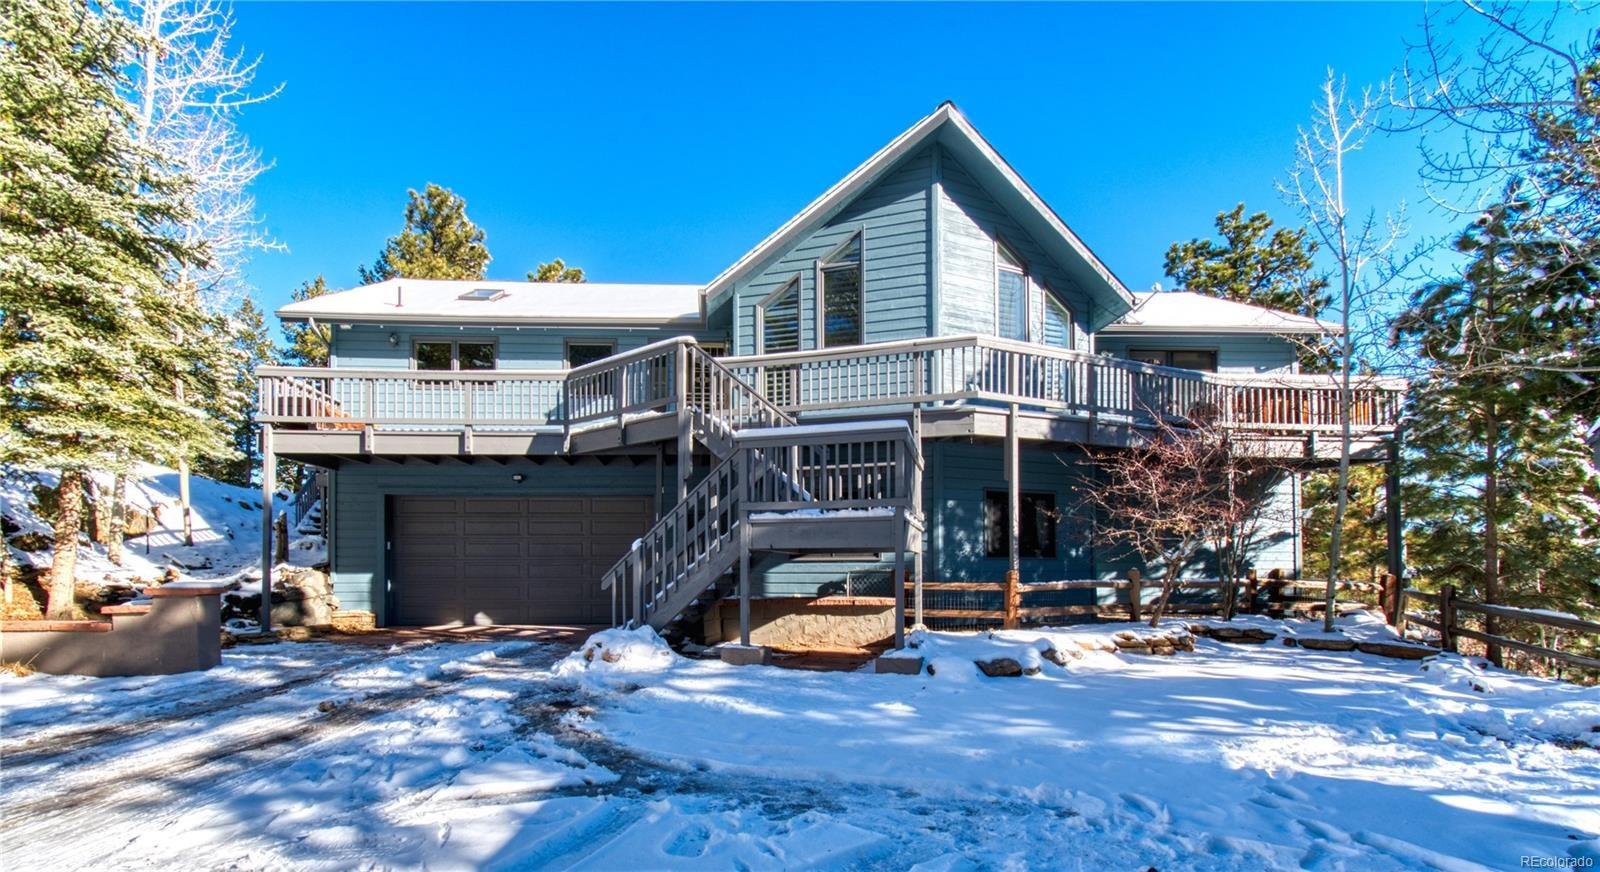 MLS# 8807220 - 1 - 89 Upper Elk Valley Drive, Evergreen, CO 80439